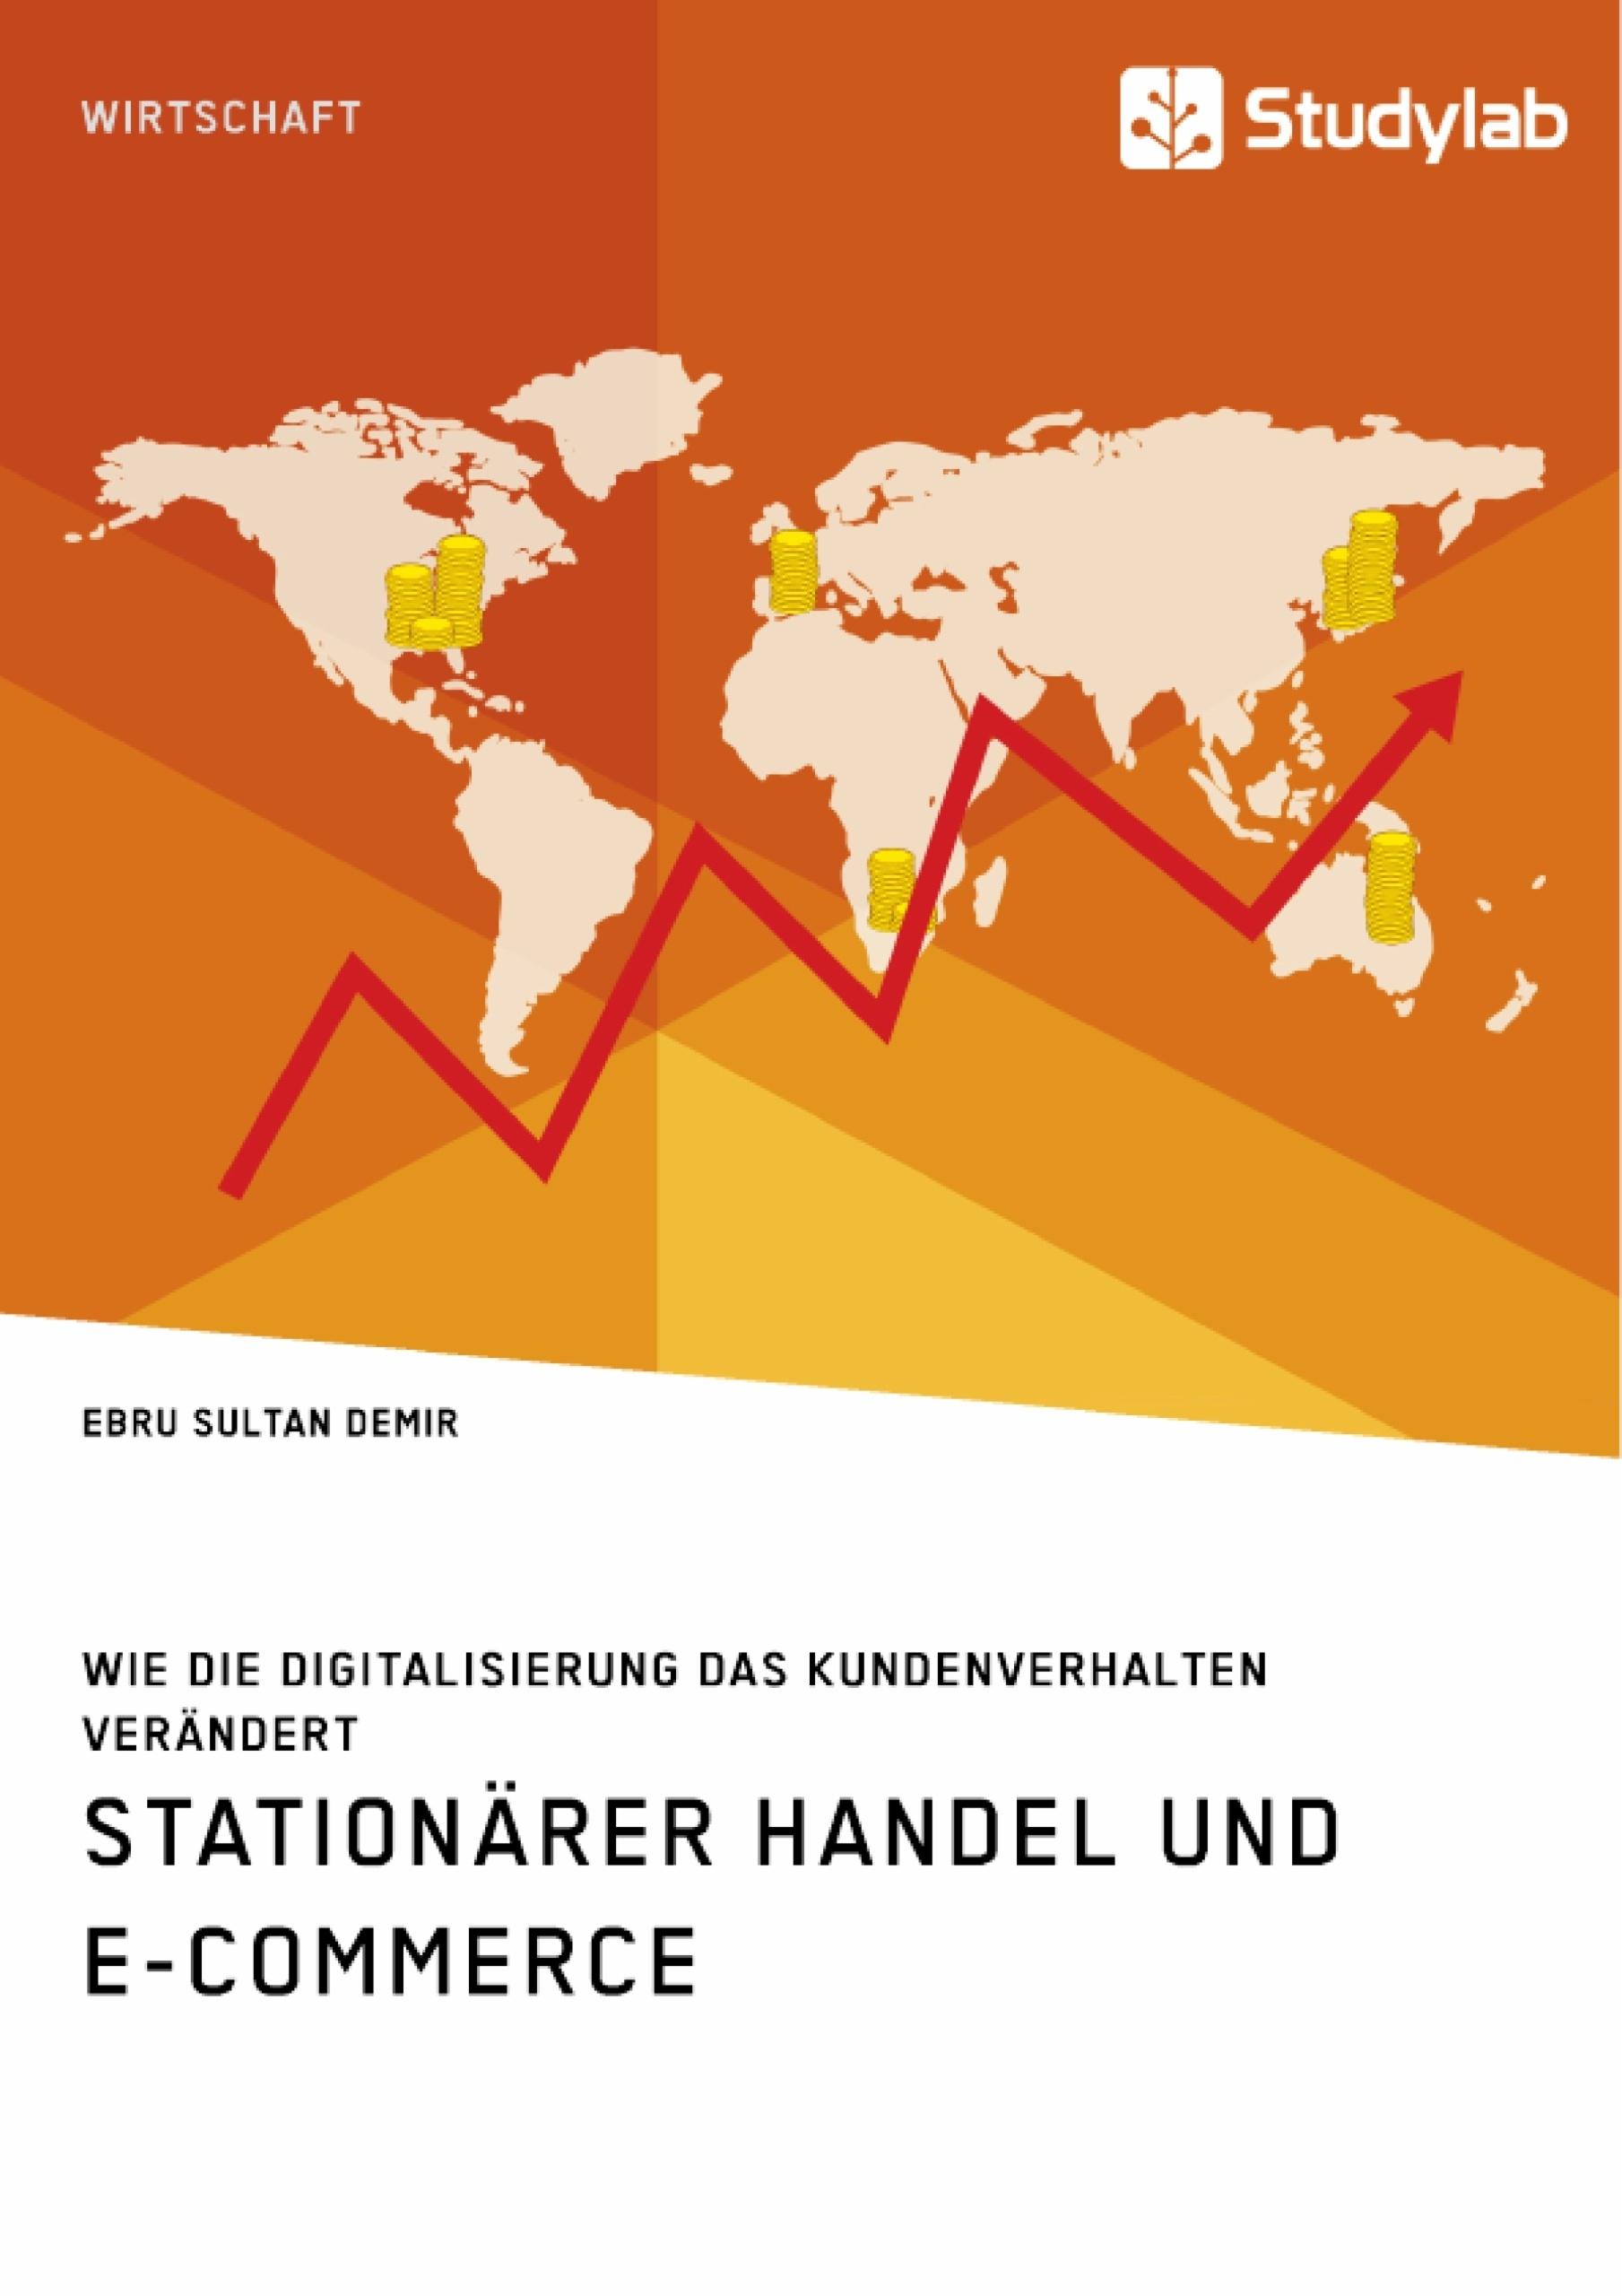 Titel: Stationärer Handel und E-Commerce. Wie die Digitalisierung das Kundenverhalten verändert